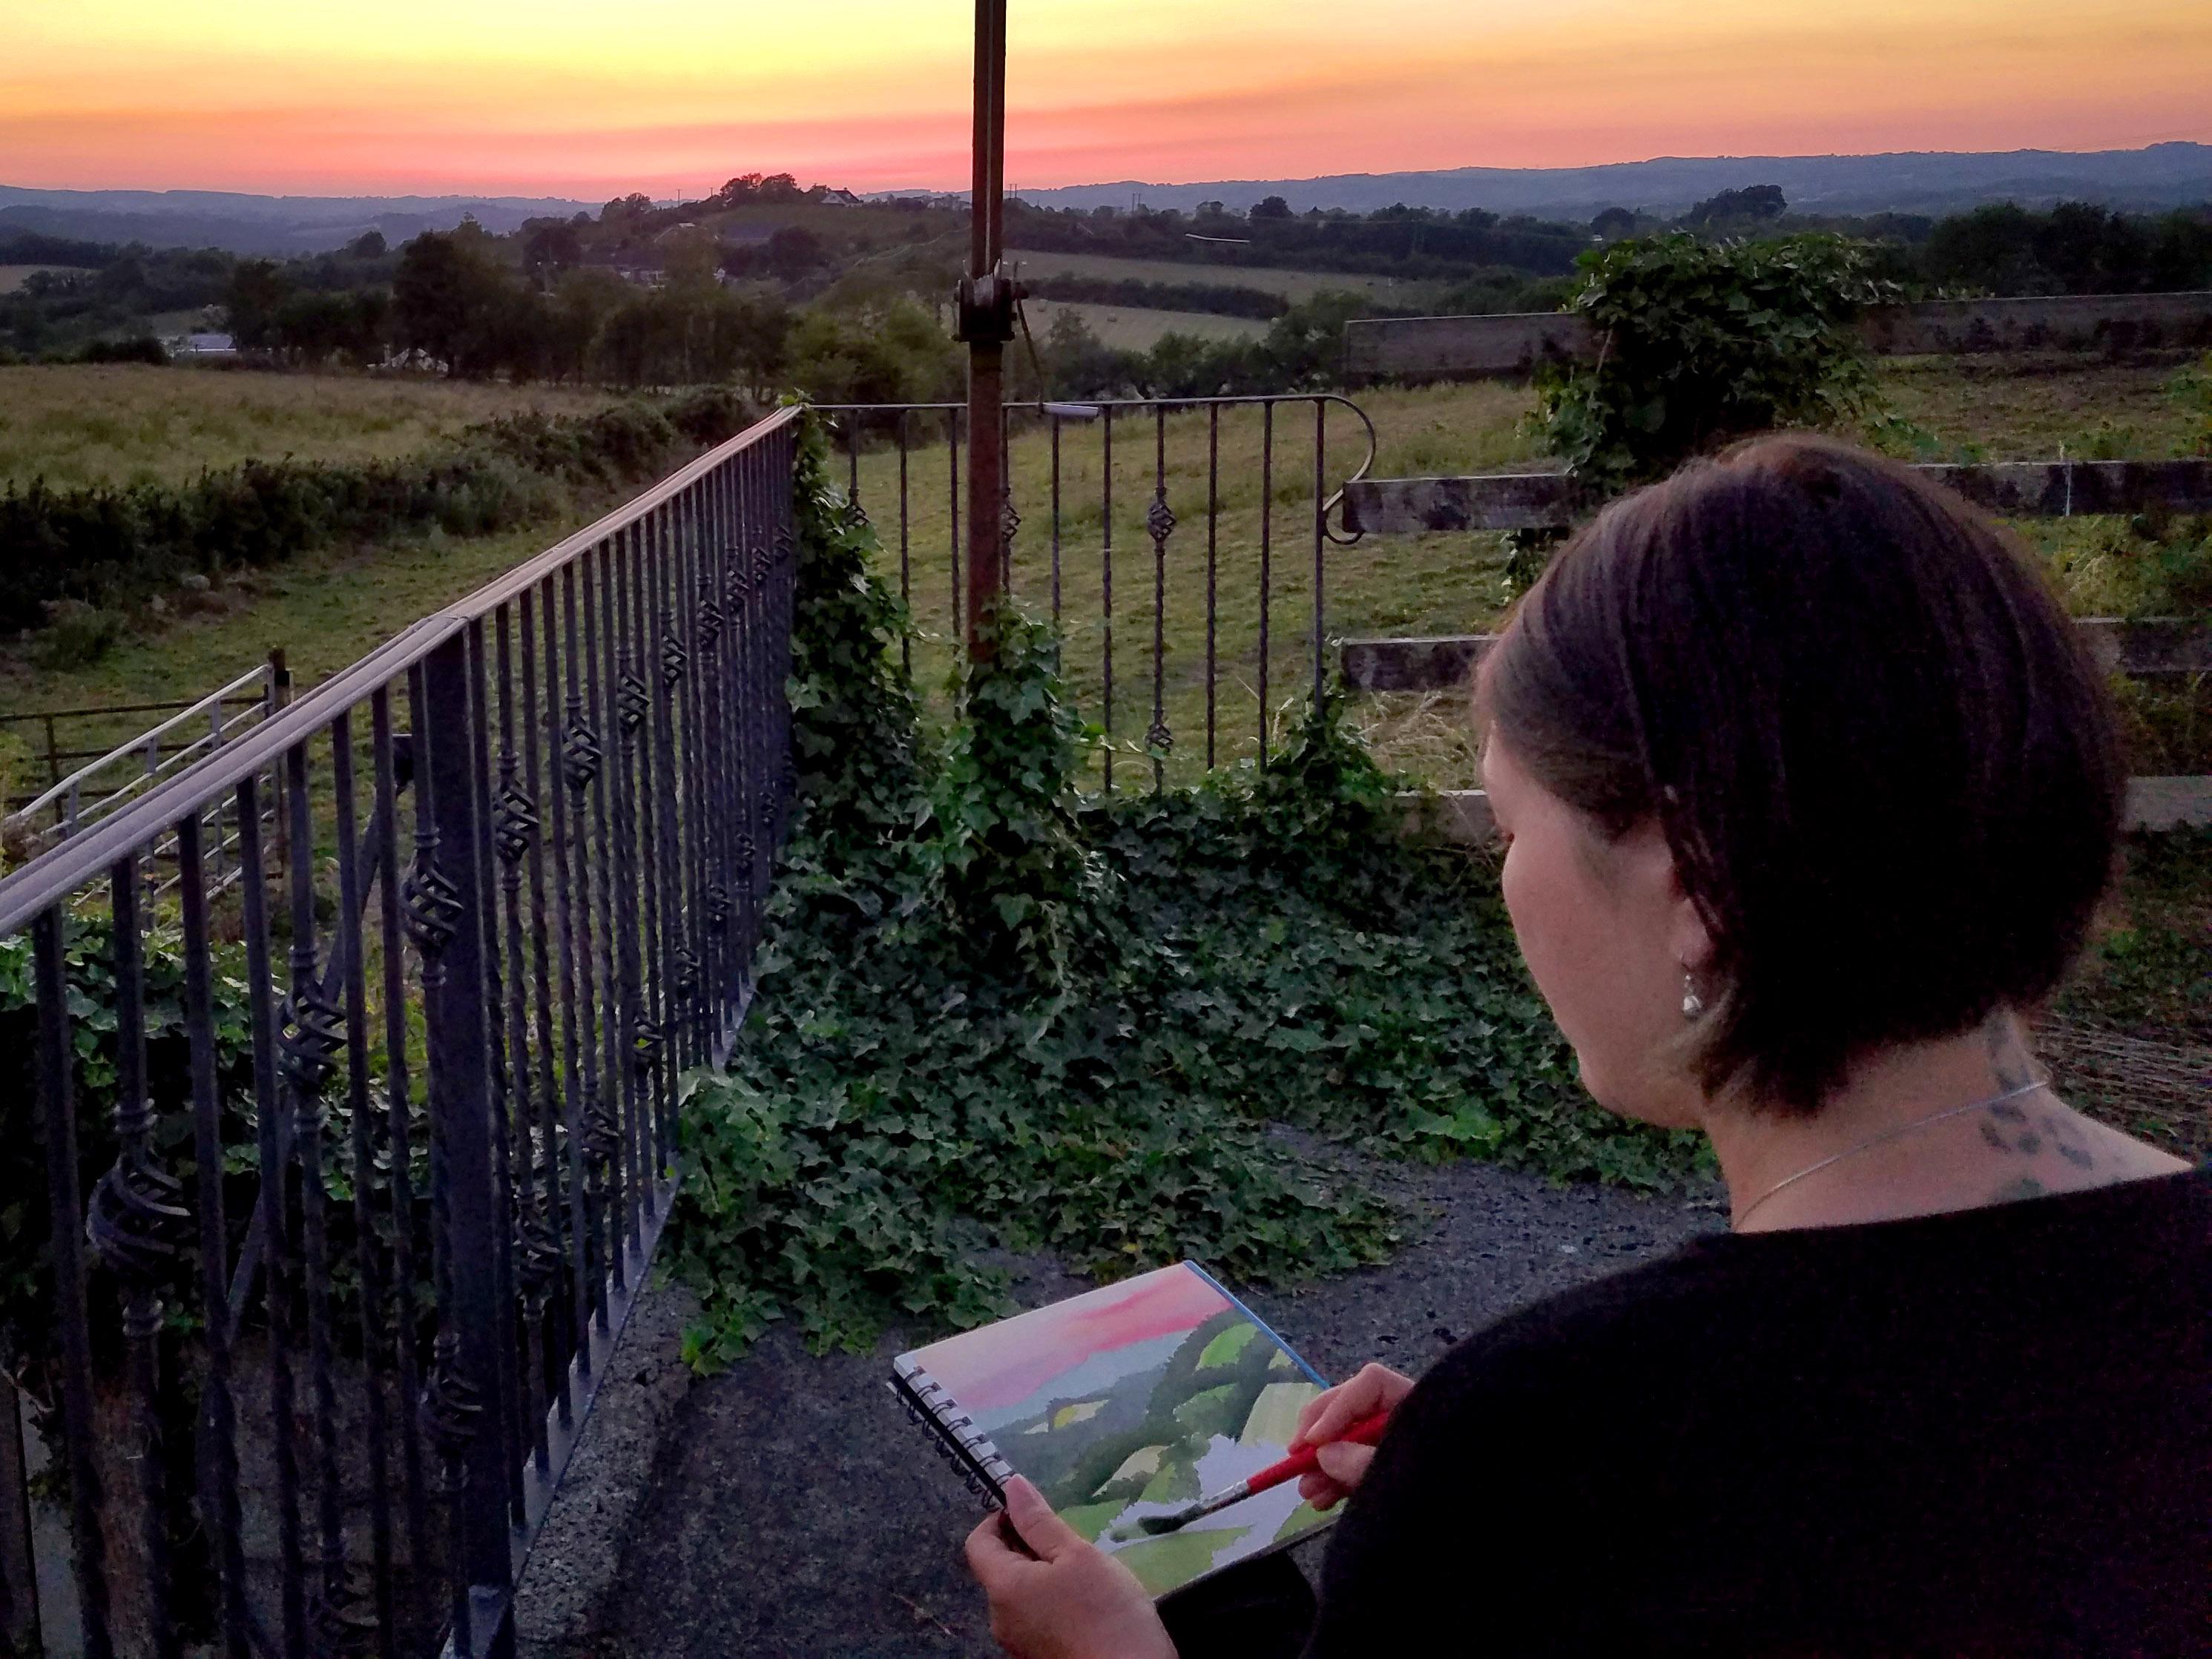 Artist Emily Miller plein air painting in Ireland